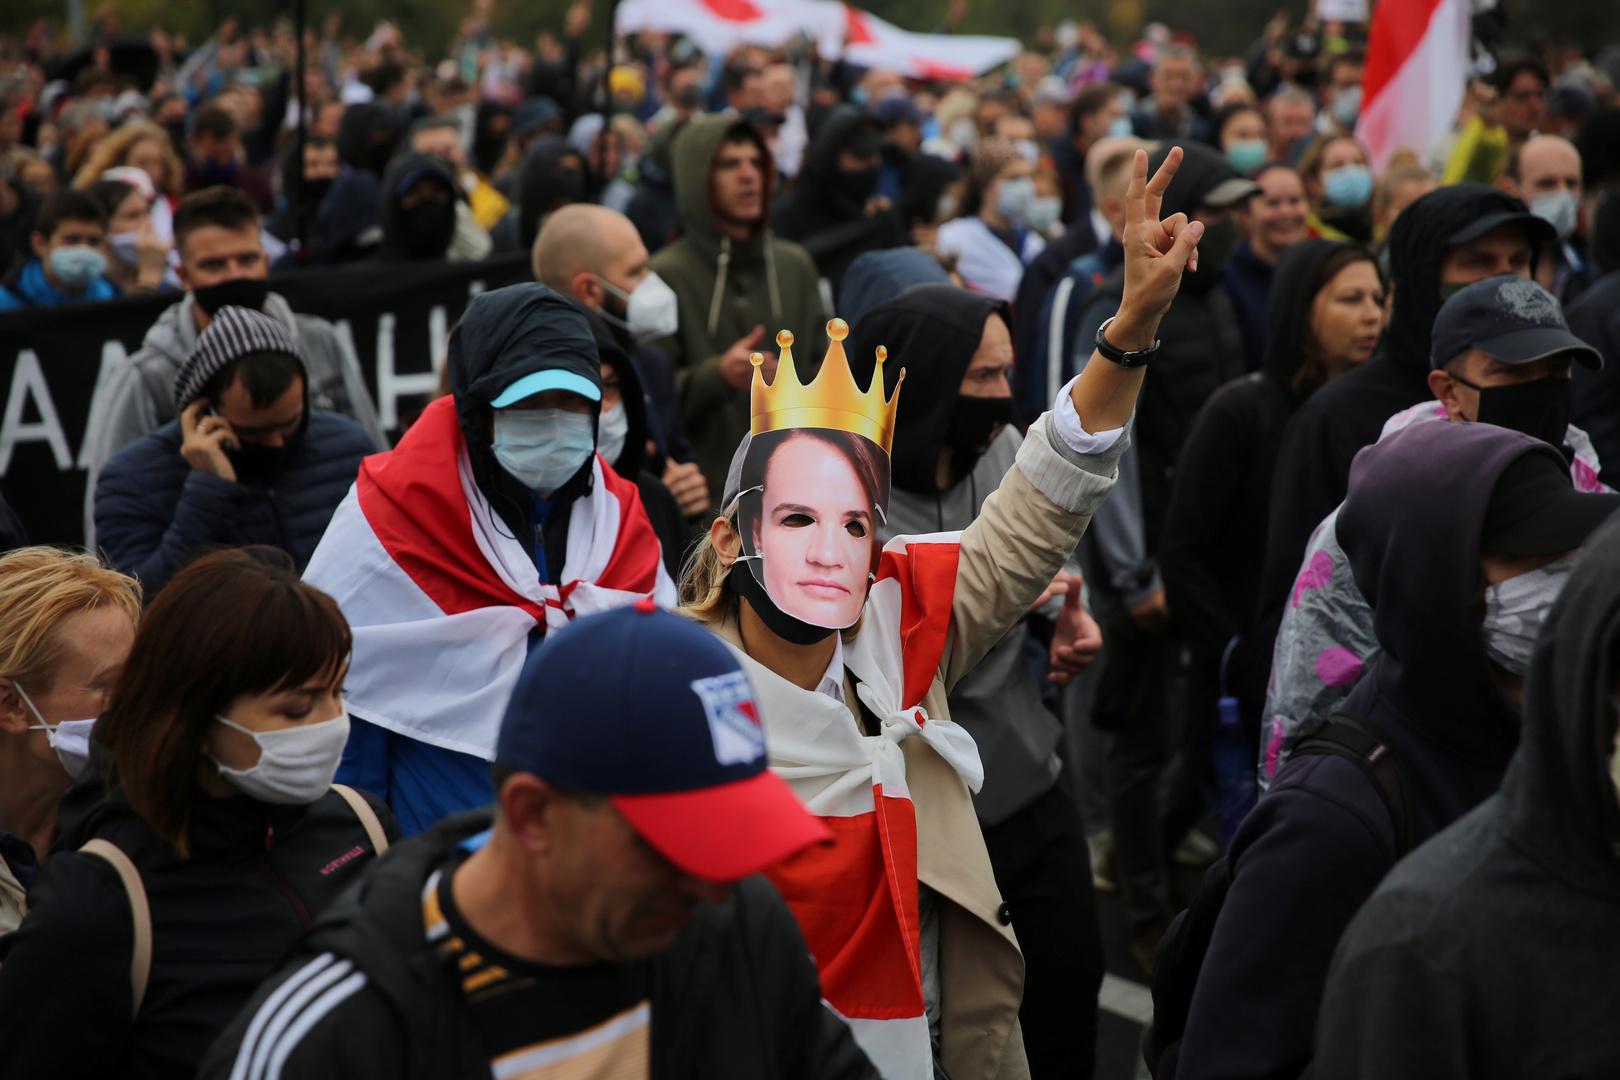 دول البلطيق وبولونيا تريد تصعيد الصراع في بيلاروس